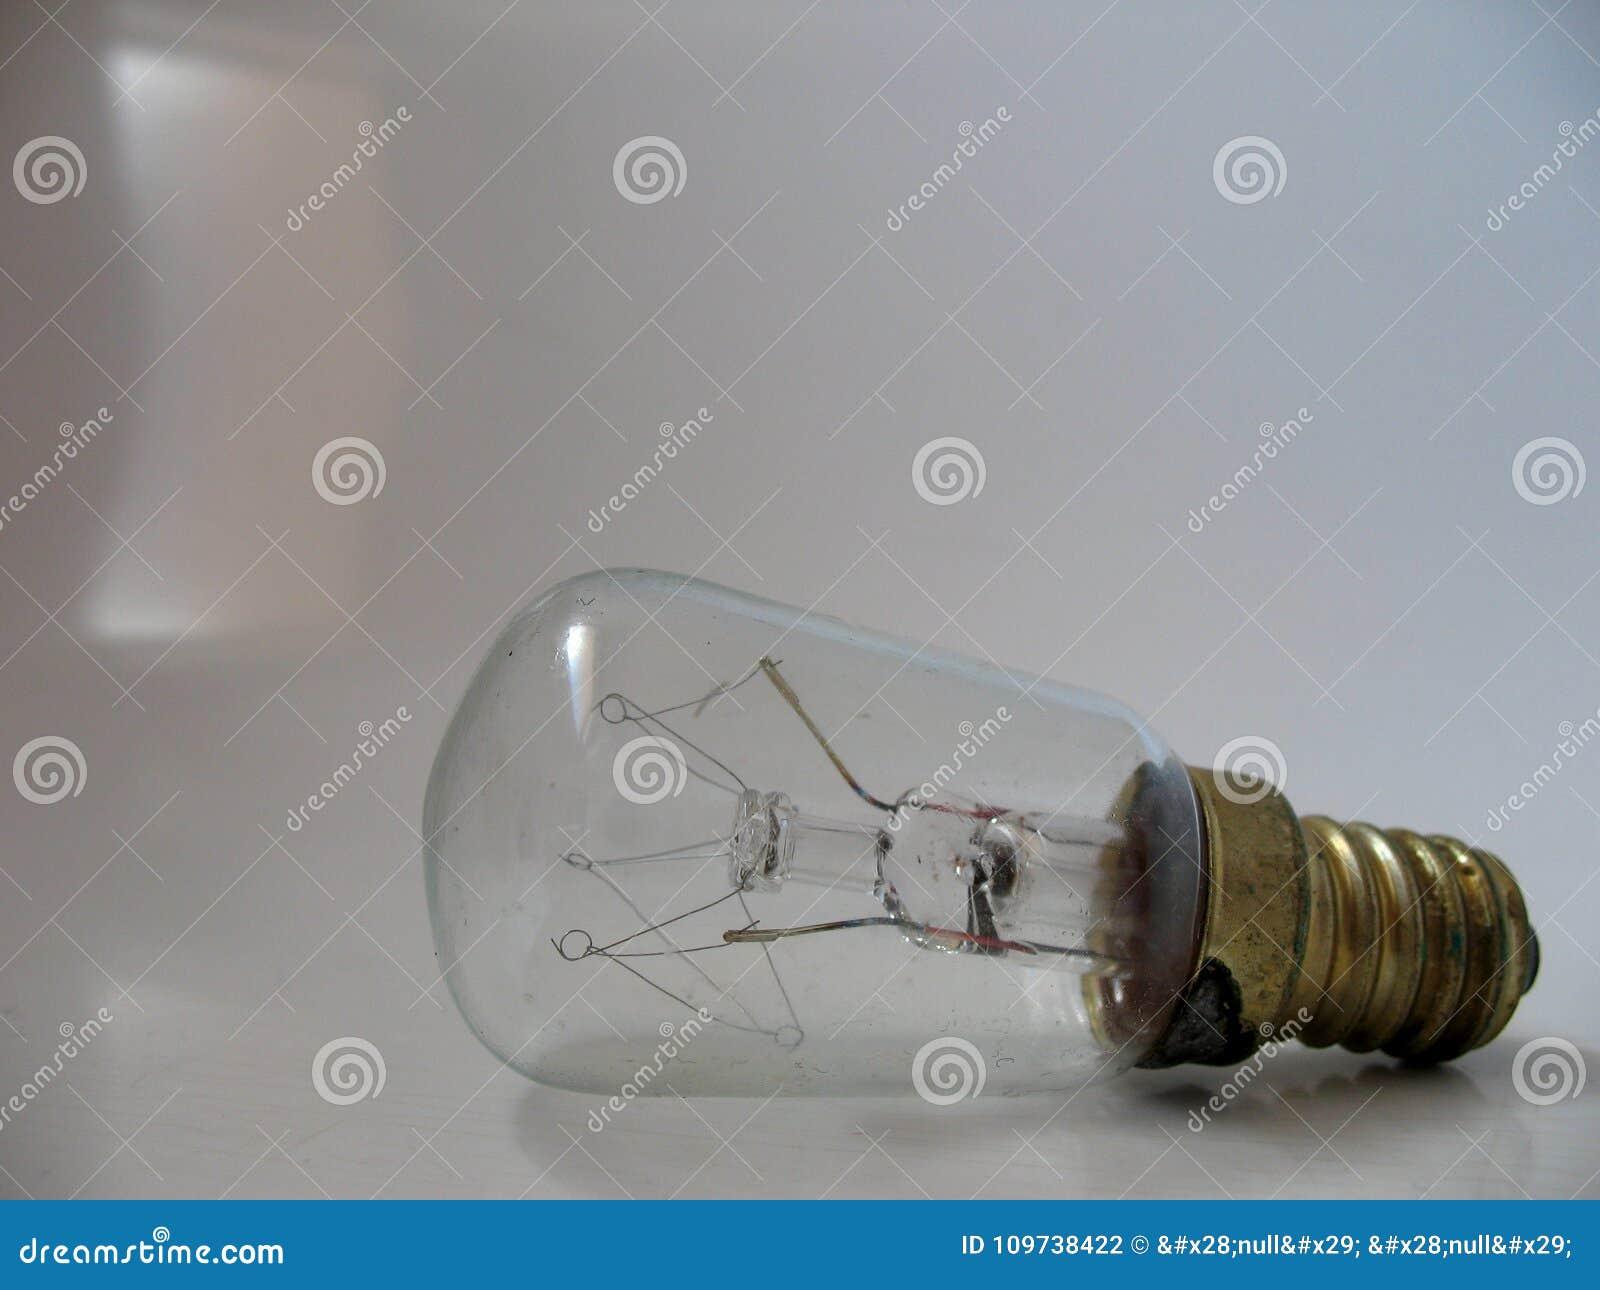 Bombilla transparente con la base de tornillo